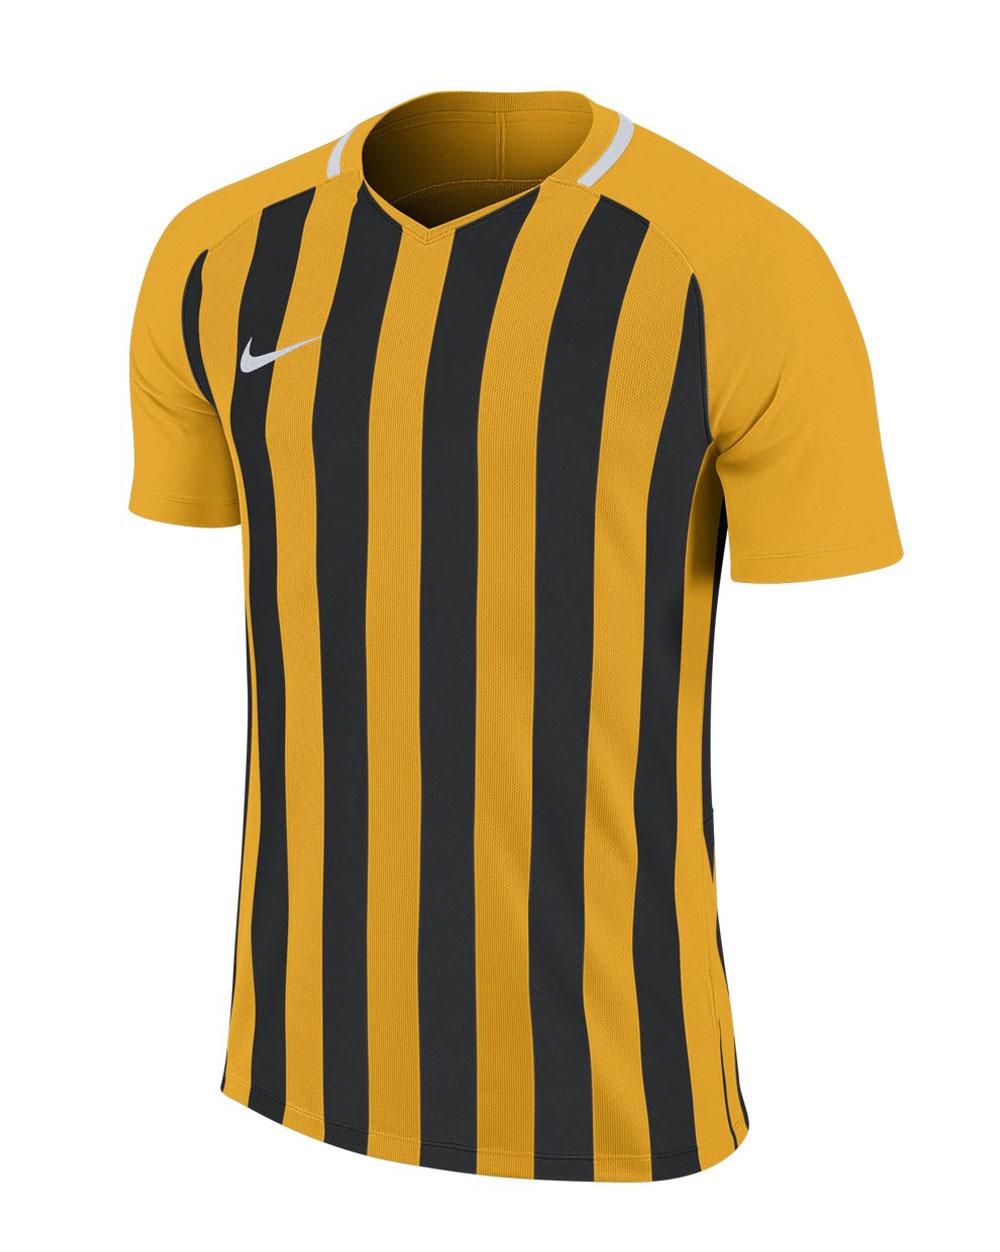 Negra Amarilla Y Iii Camisetas Striped Futbol Camiseta Division Nike lKcT13JF